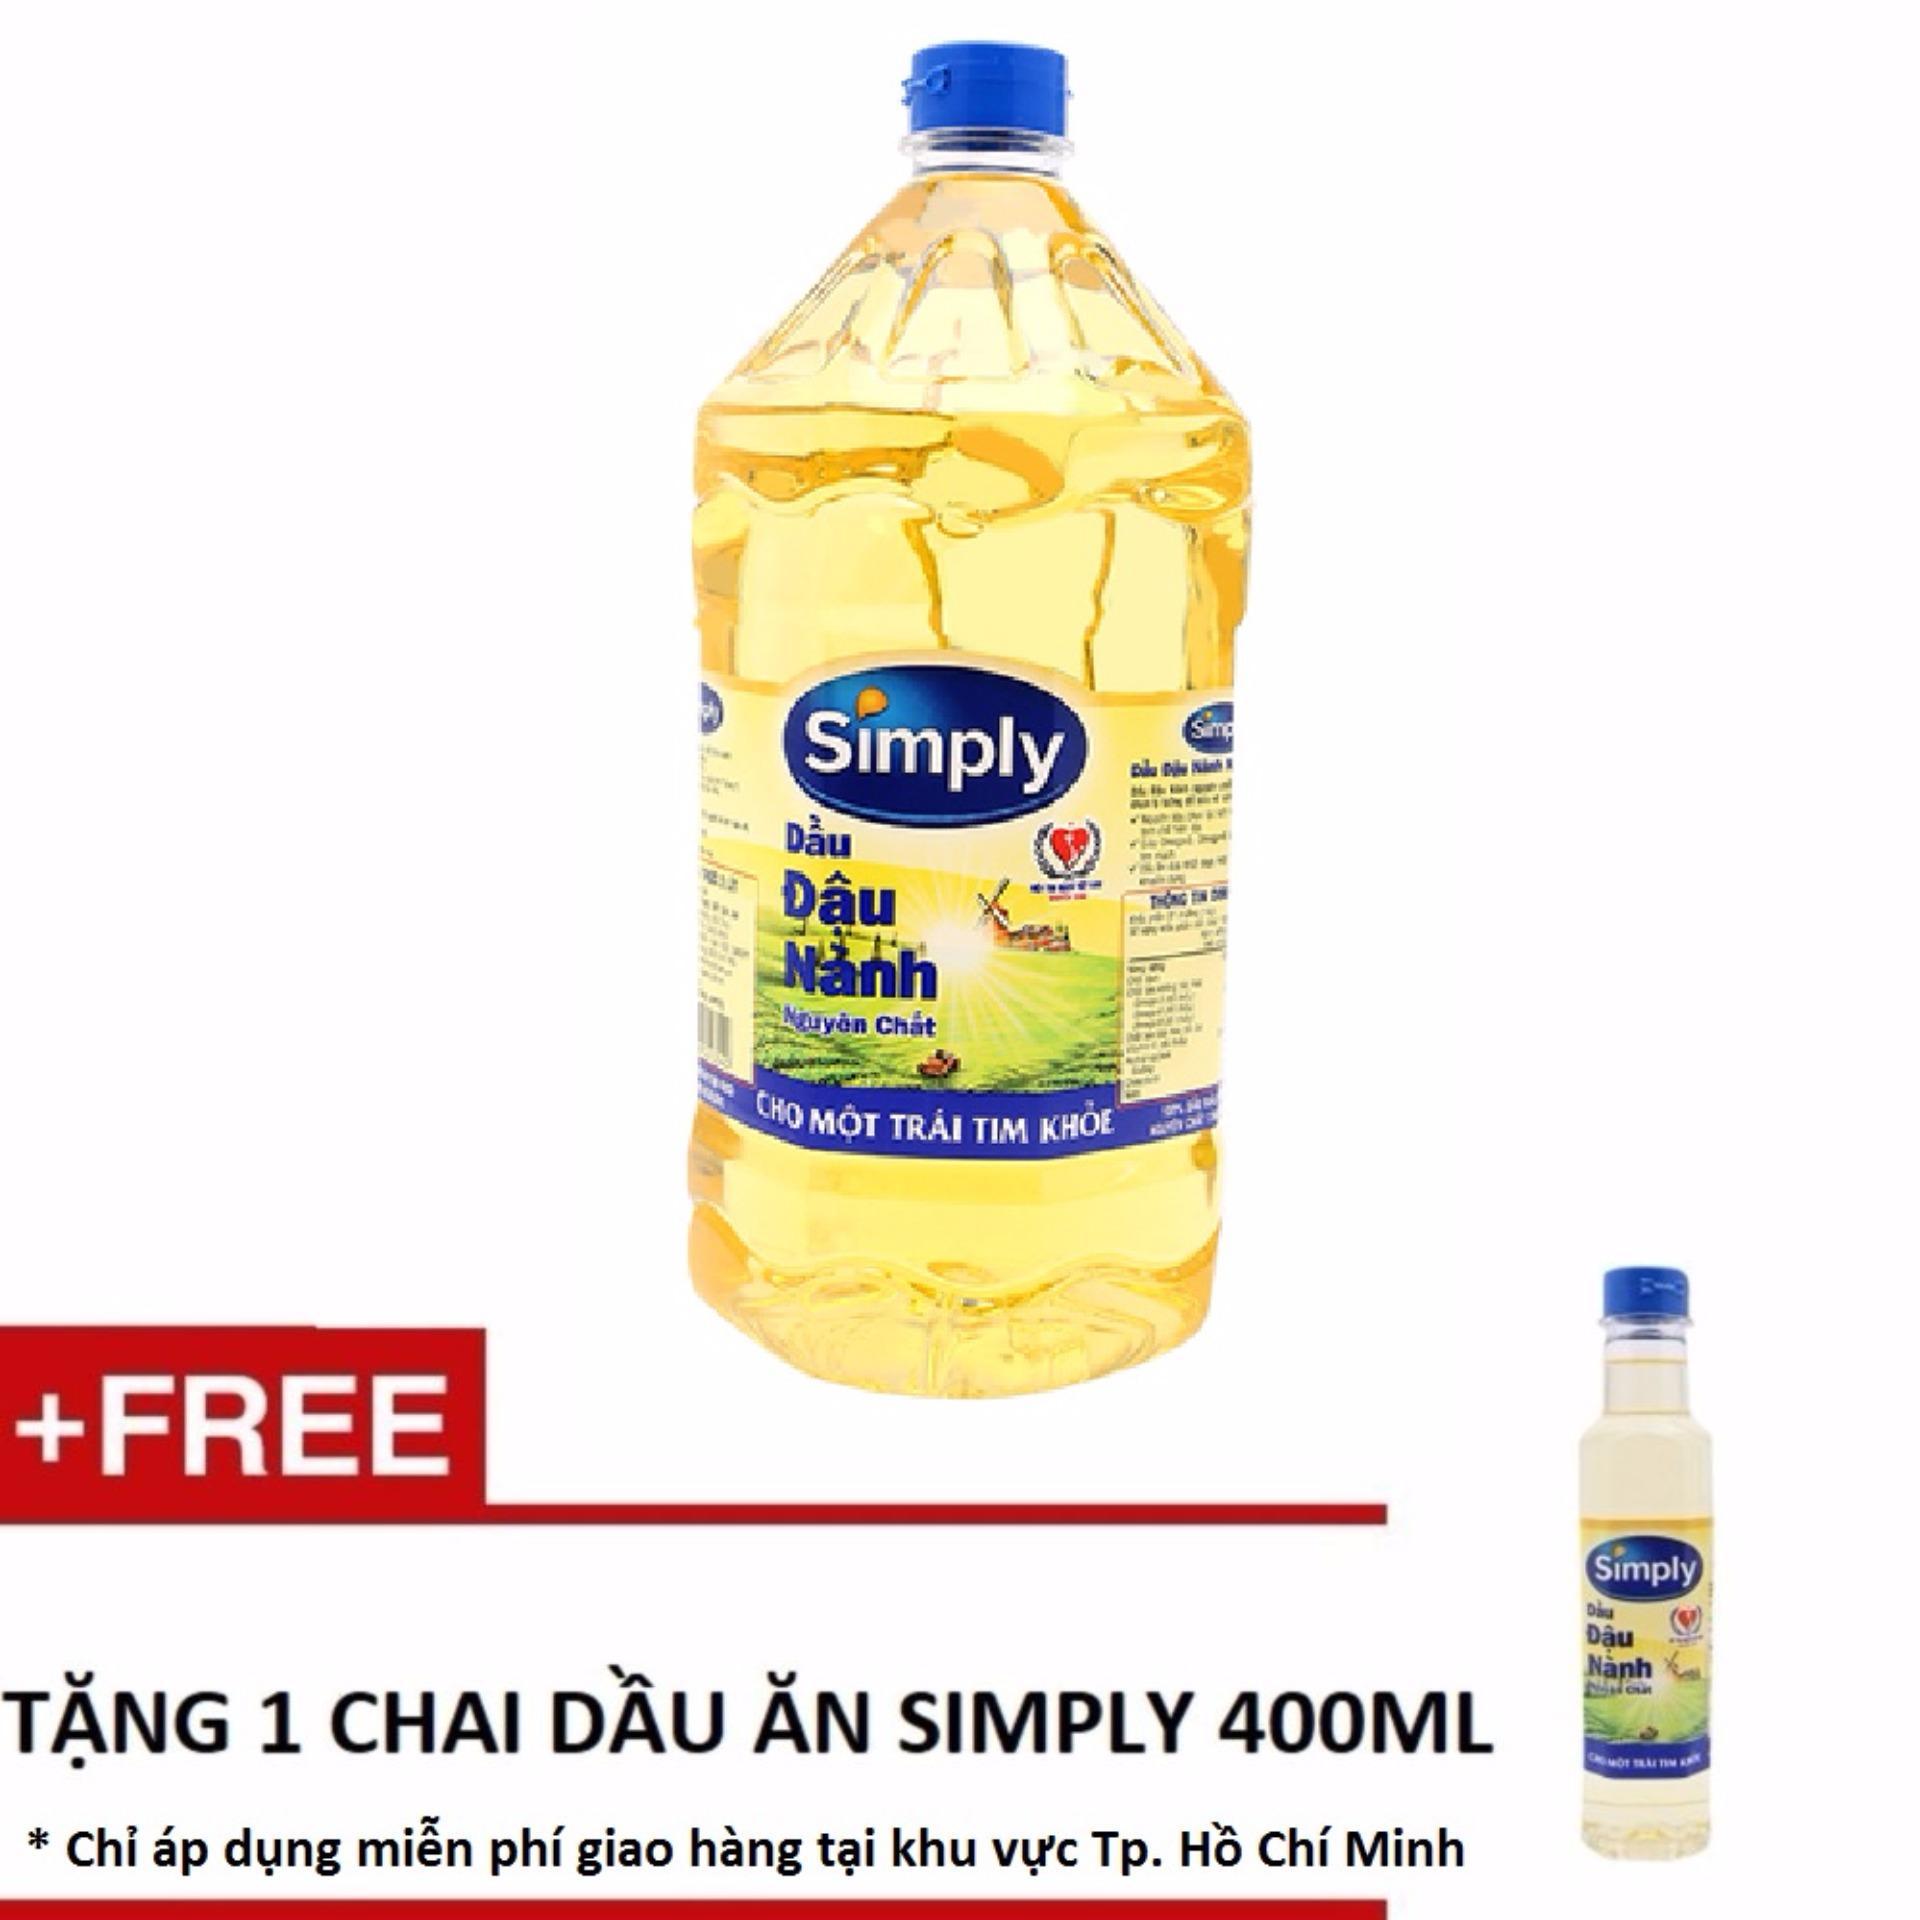 Tư vấn mua Dầu ăn Simply đậu nành 2L + Tặng 1 chai dầu ăn Simply 400ml